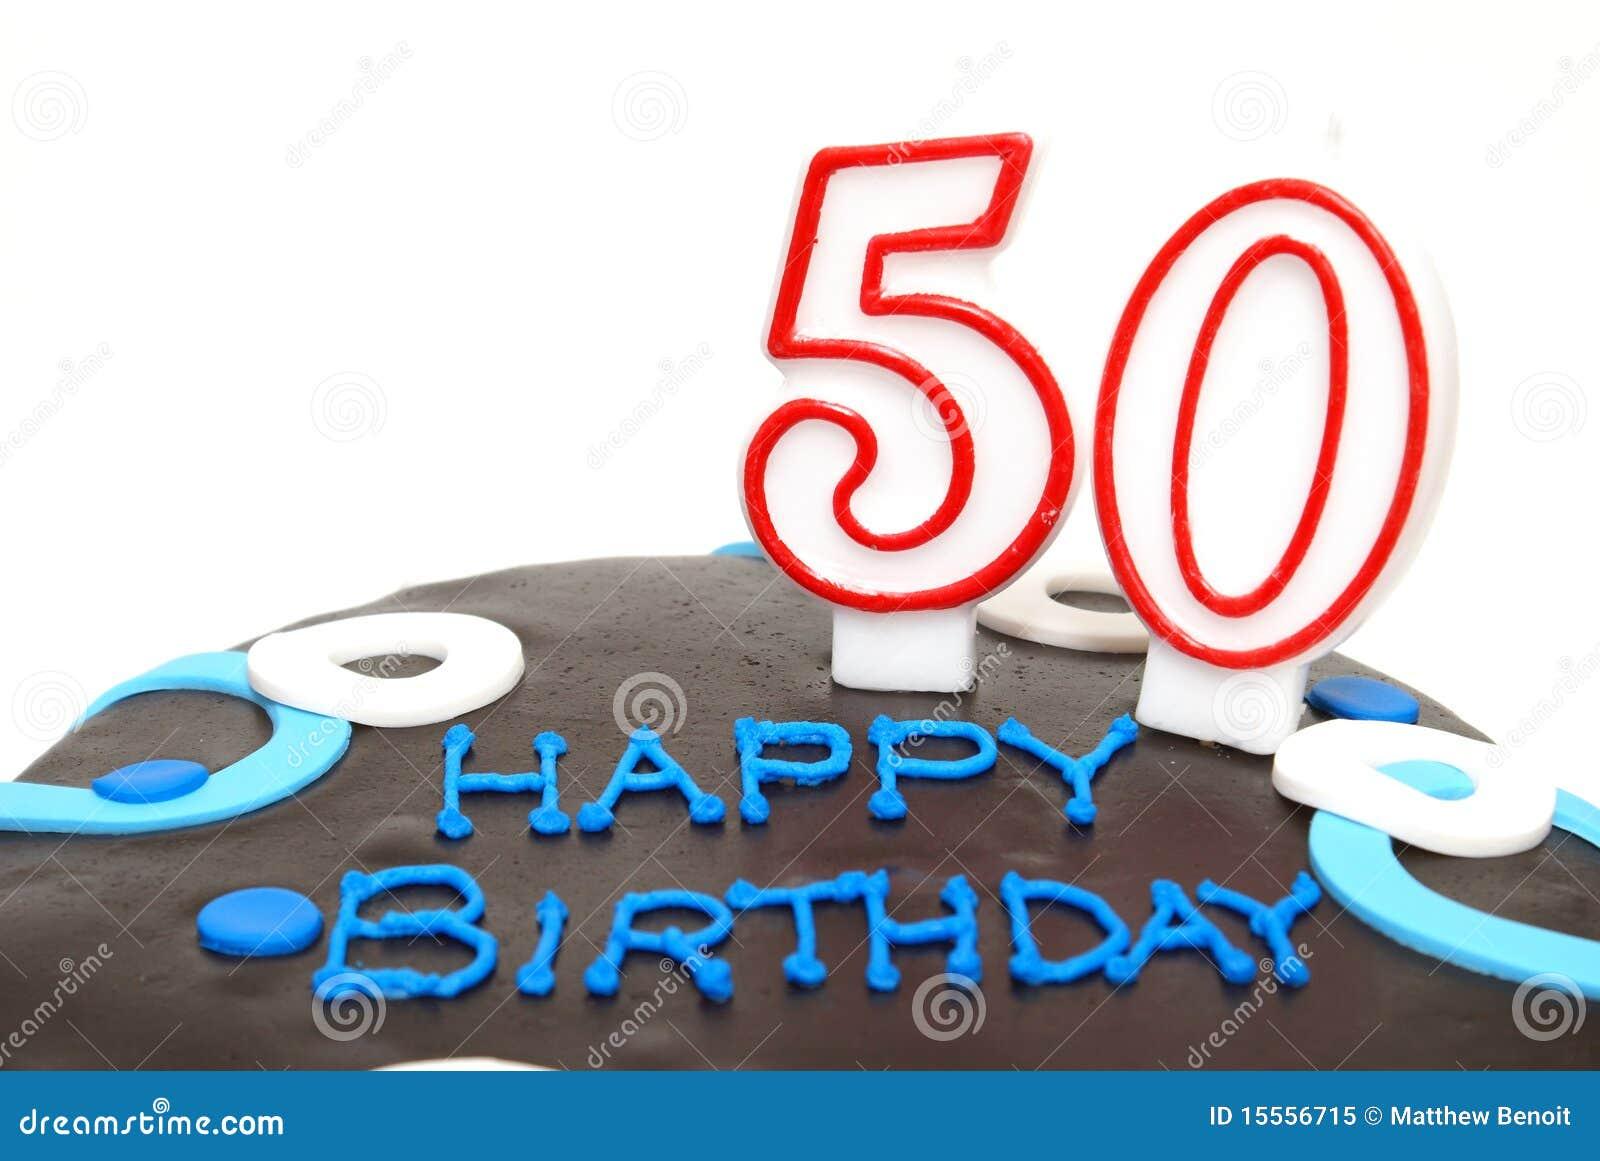 Happy 50th Birthday Stock Image Of Ceremony